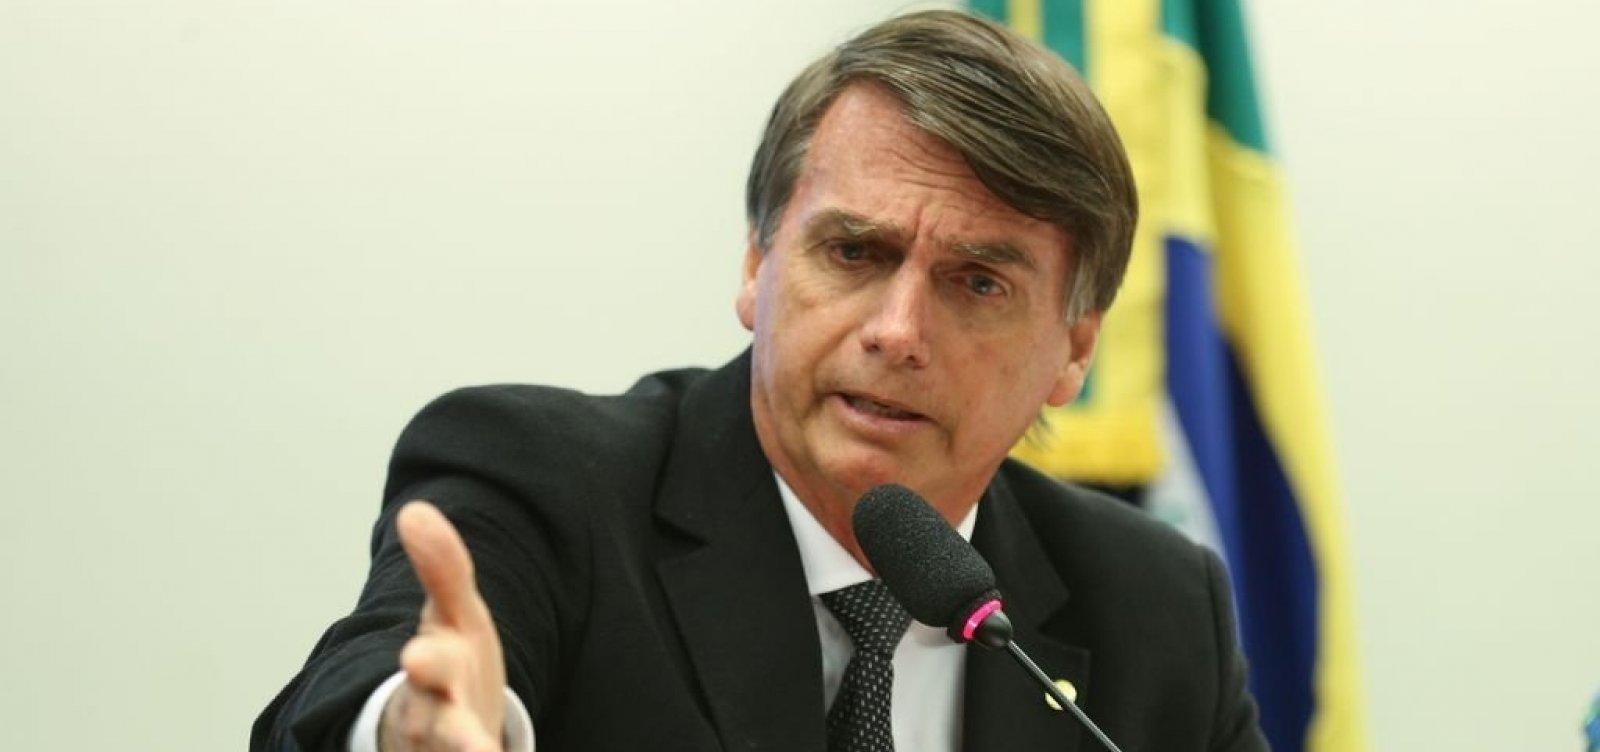 [Bolsonaro provoca Haddad: 'Sua hora vai chegar, marmita de corrupto preso']